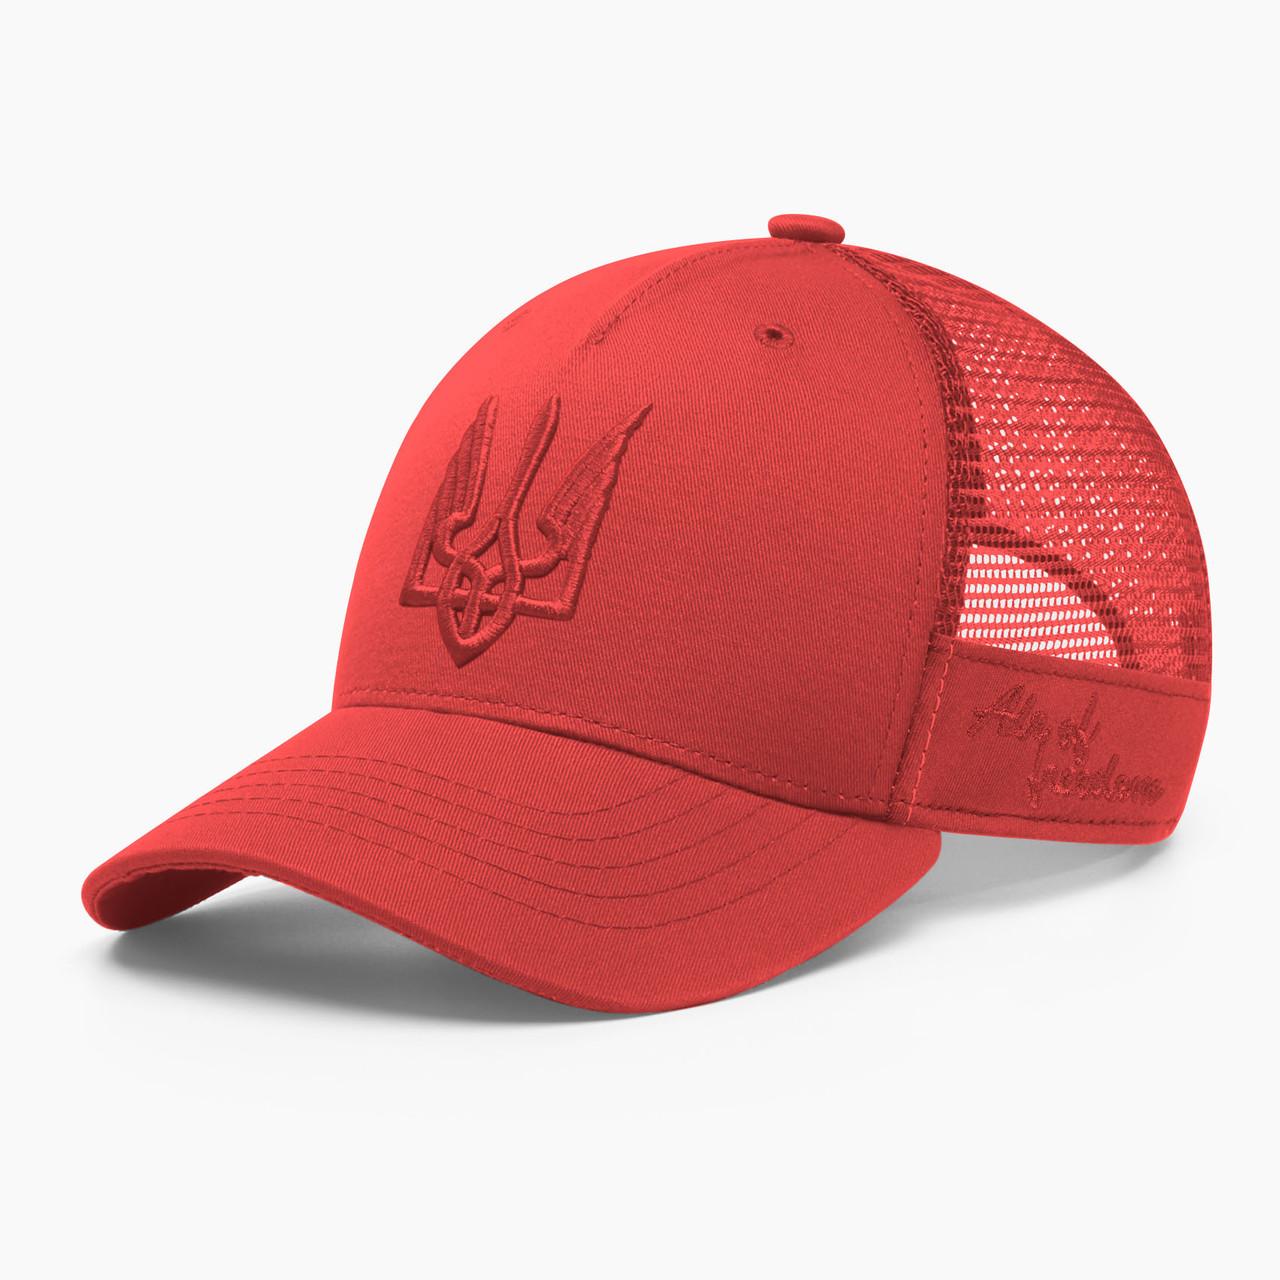 Купить Кепка бейсболка с сеткой тракер INAL air of freedom S / 53-54 RU Красный 183053